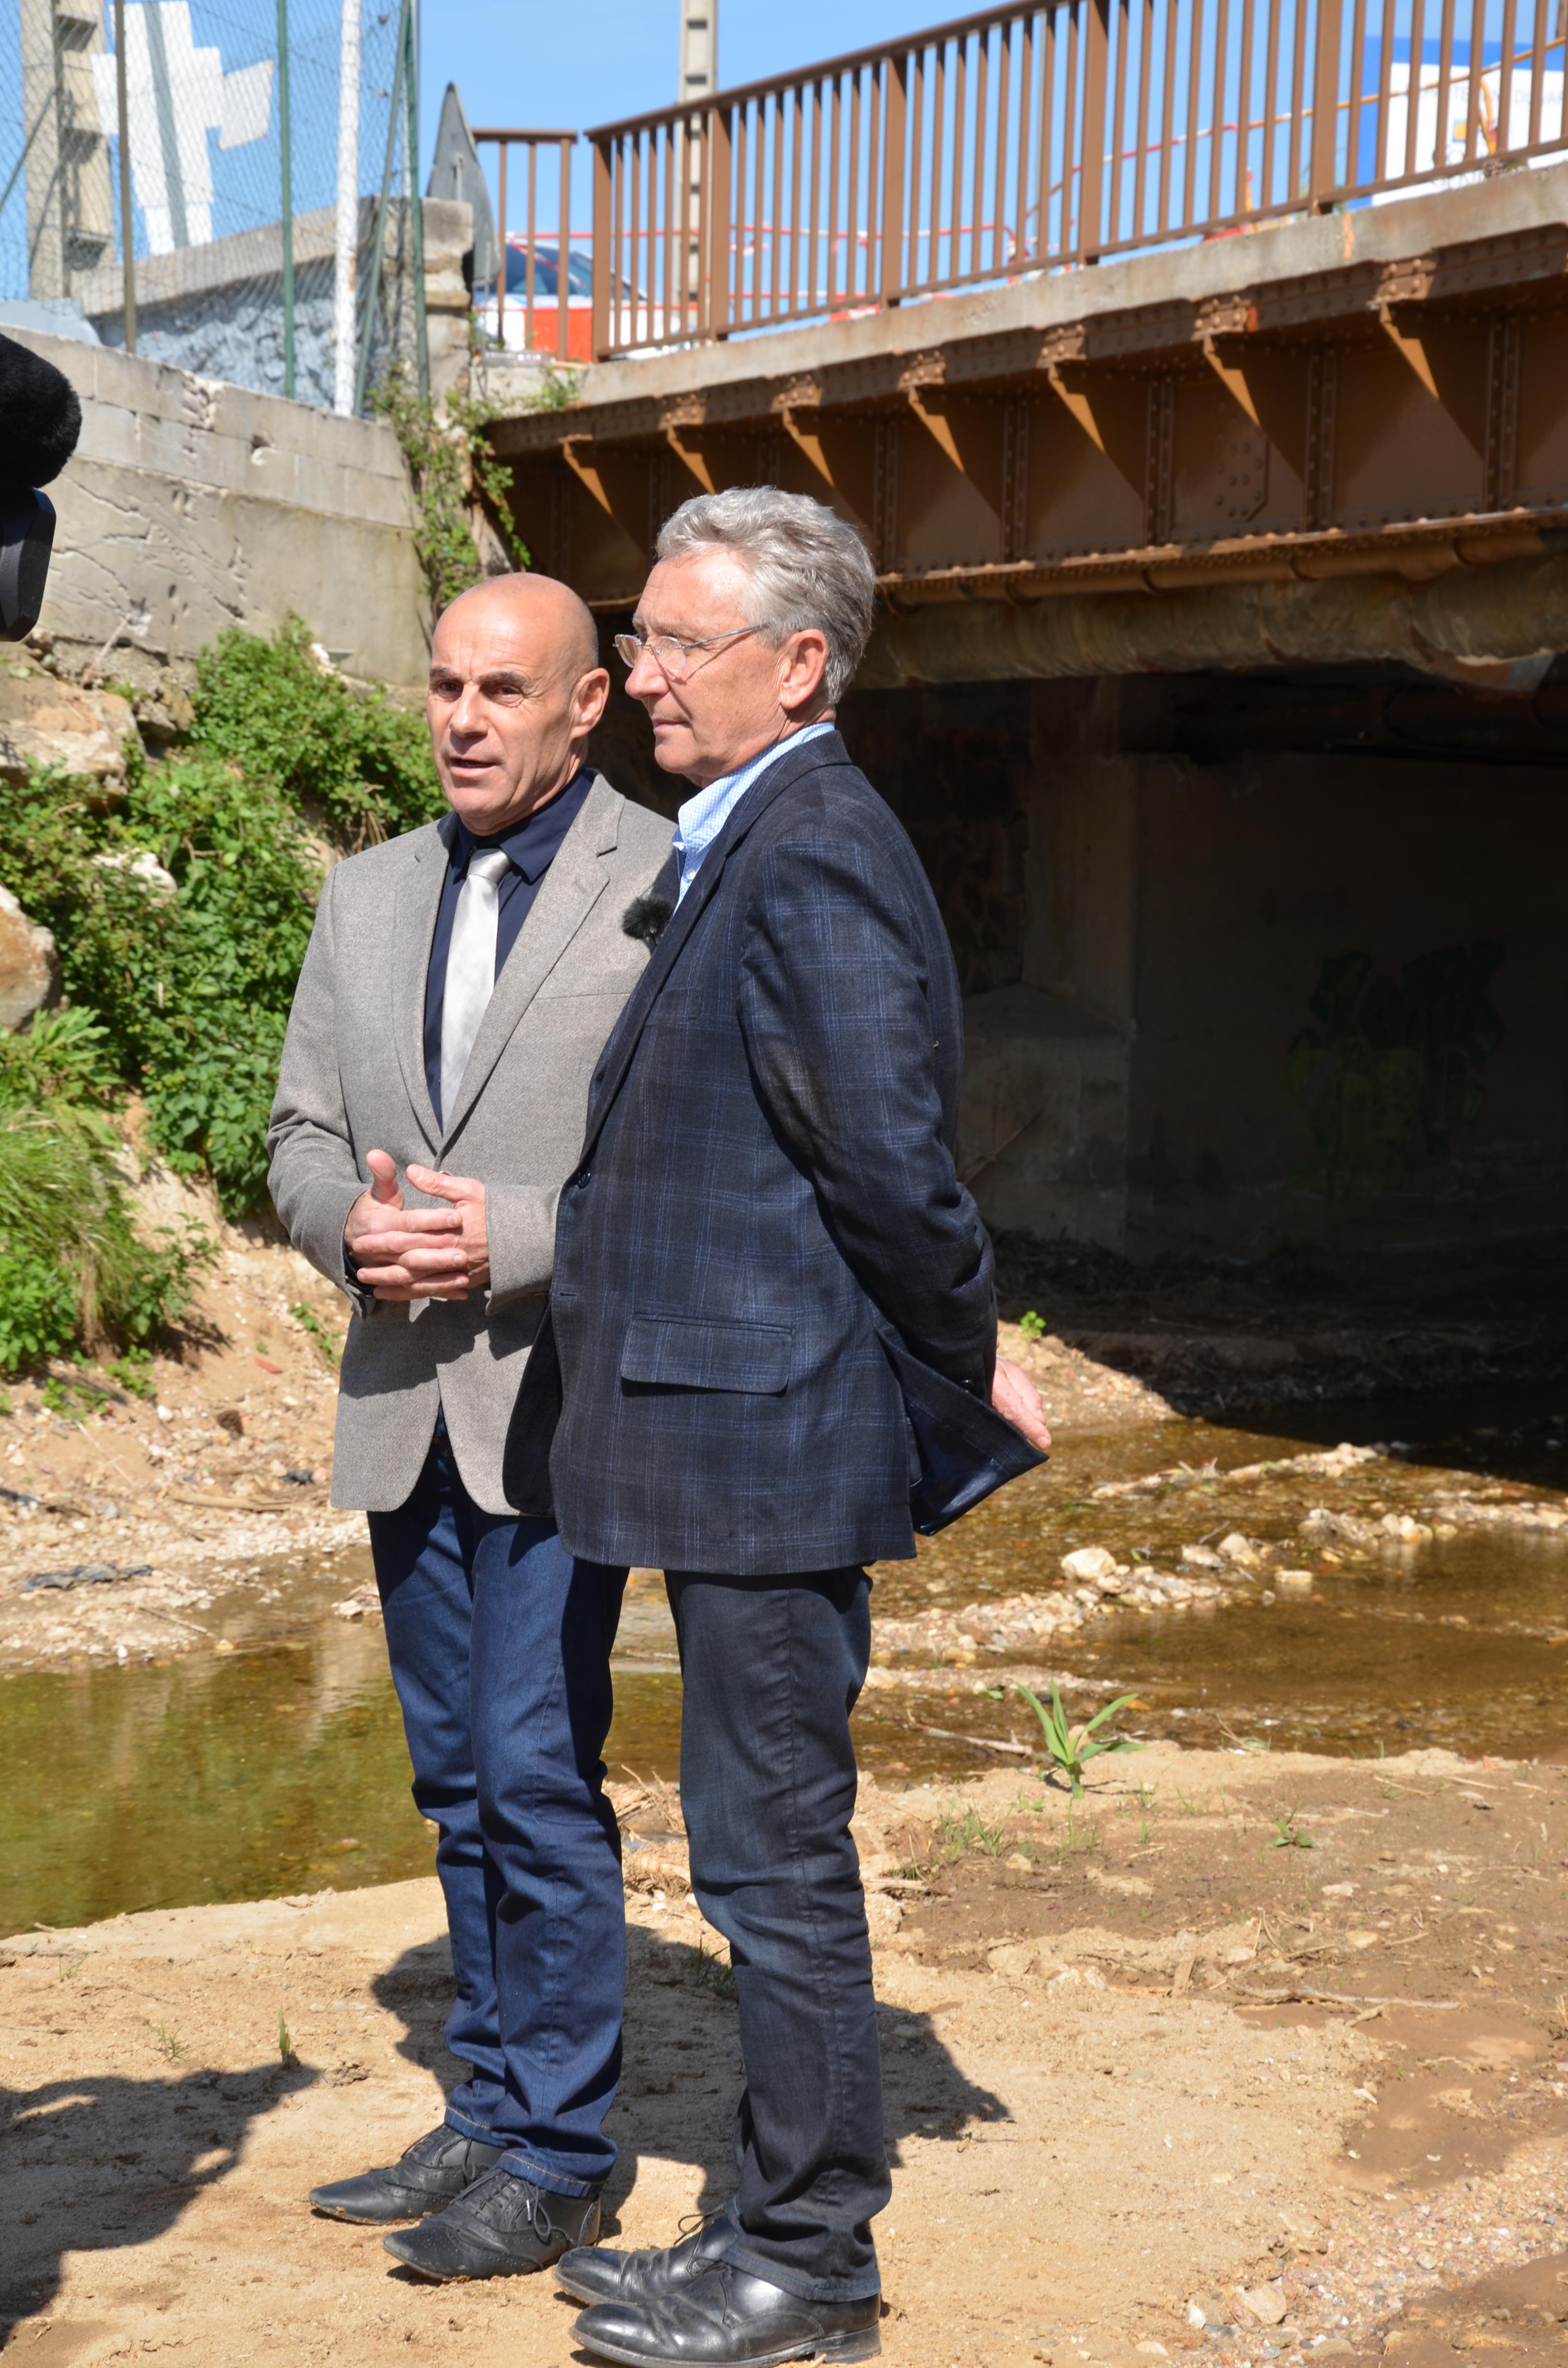 Suites aux violentes intempéries de 2014, le Maire du Lavandou, Gil Bernardi, et le Maire de Bormes, François Arizzi, ont défini plusieurs chantiers prioritaires sur les berges et la plaine du Batailler afin de prévenir le risque inondation